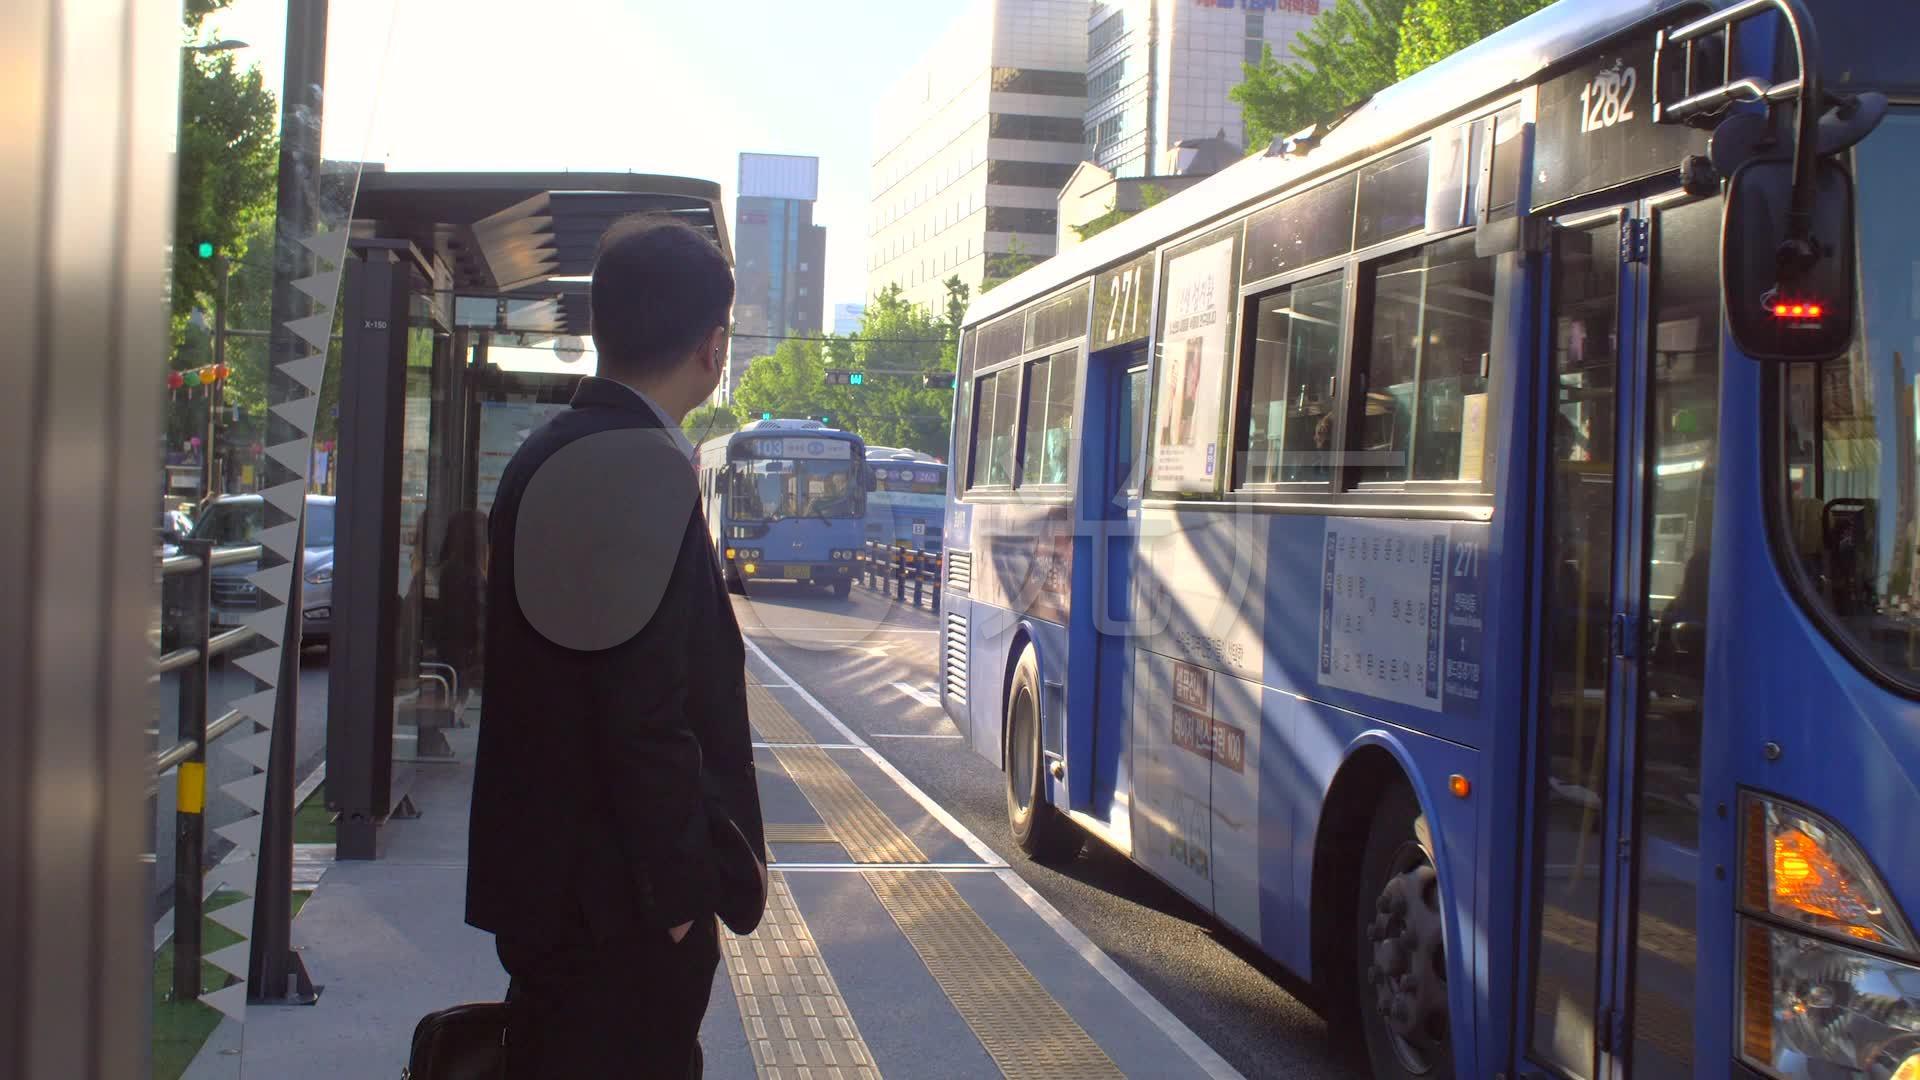 等公交车_1920X1080_高清视频素材下载(编号zuoai视频图片